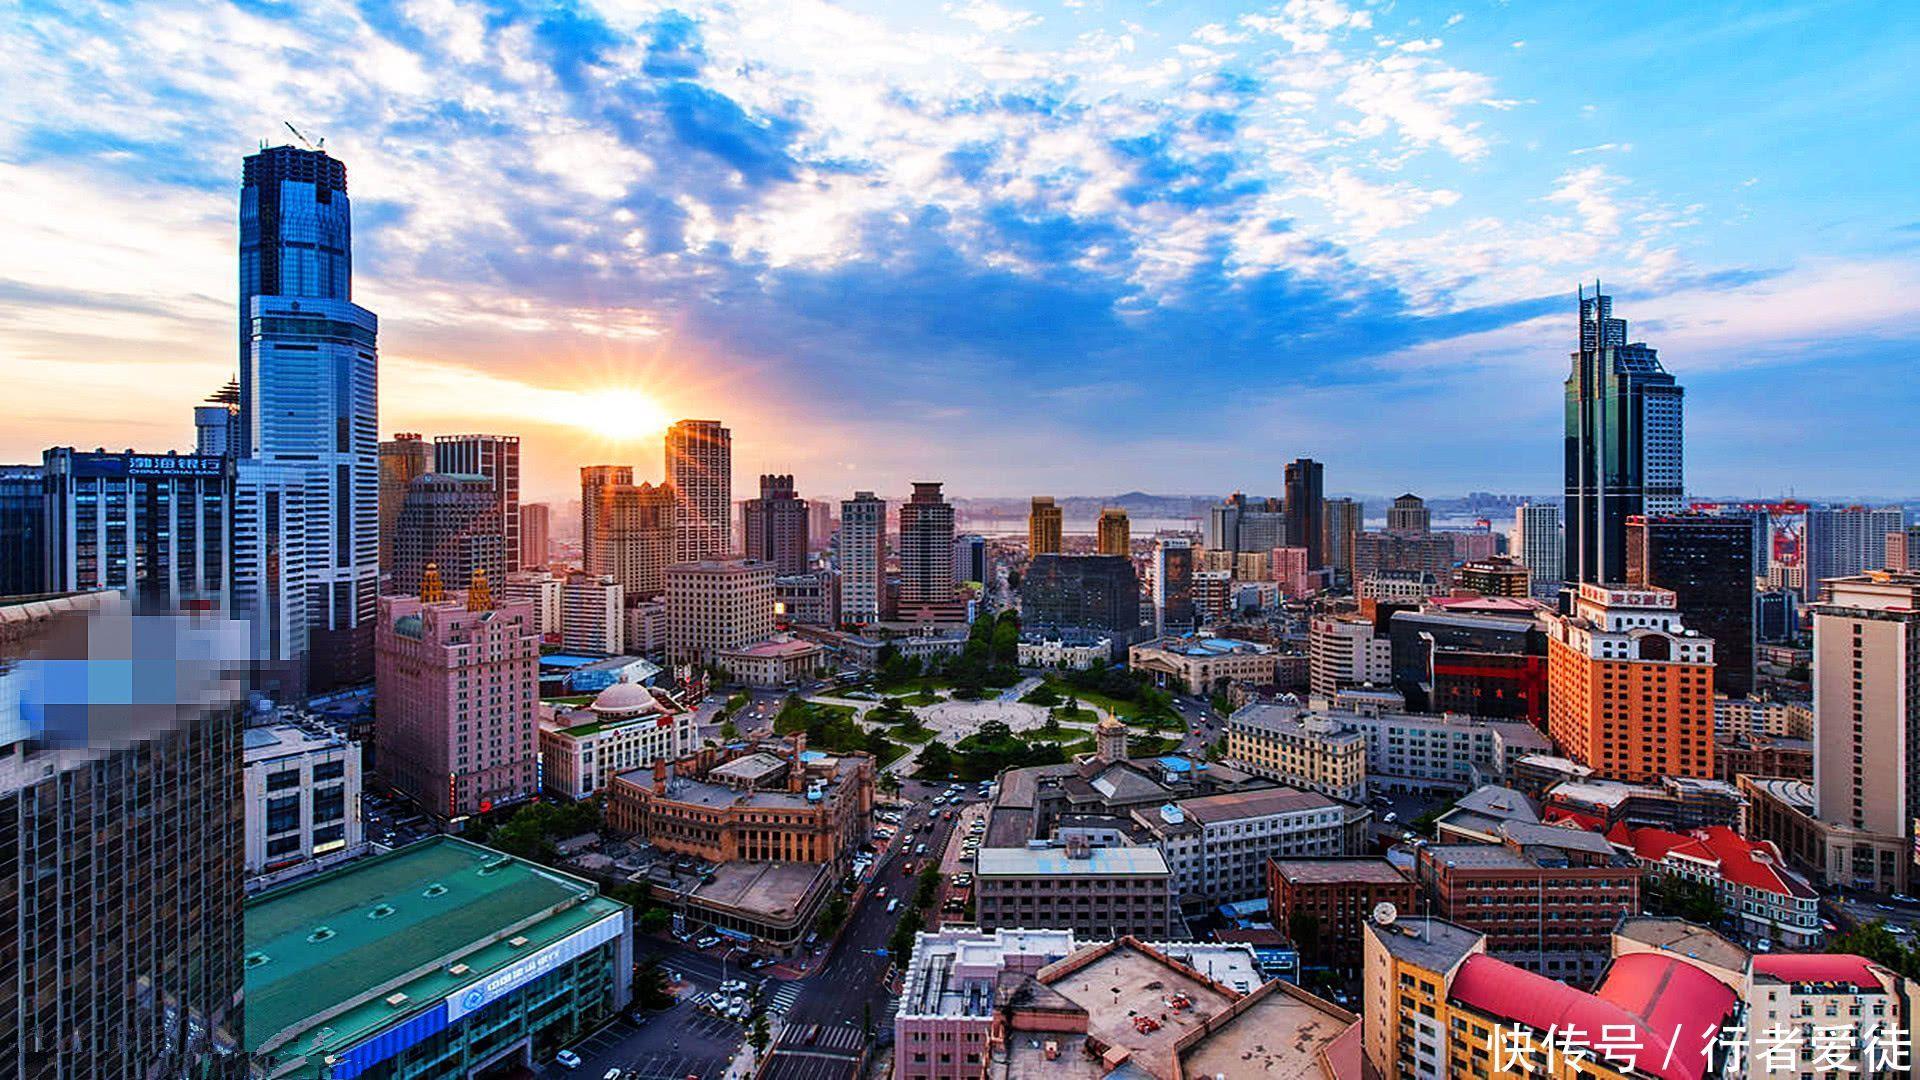 我国第五个直辖市_请问中国那些城市有希望成为直辖市